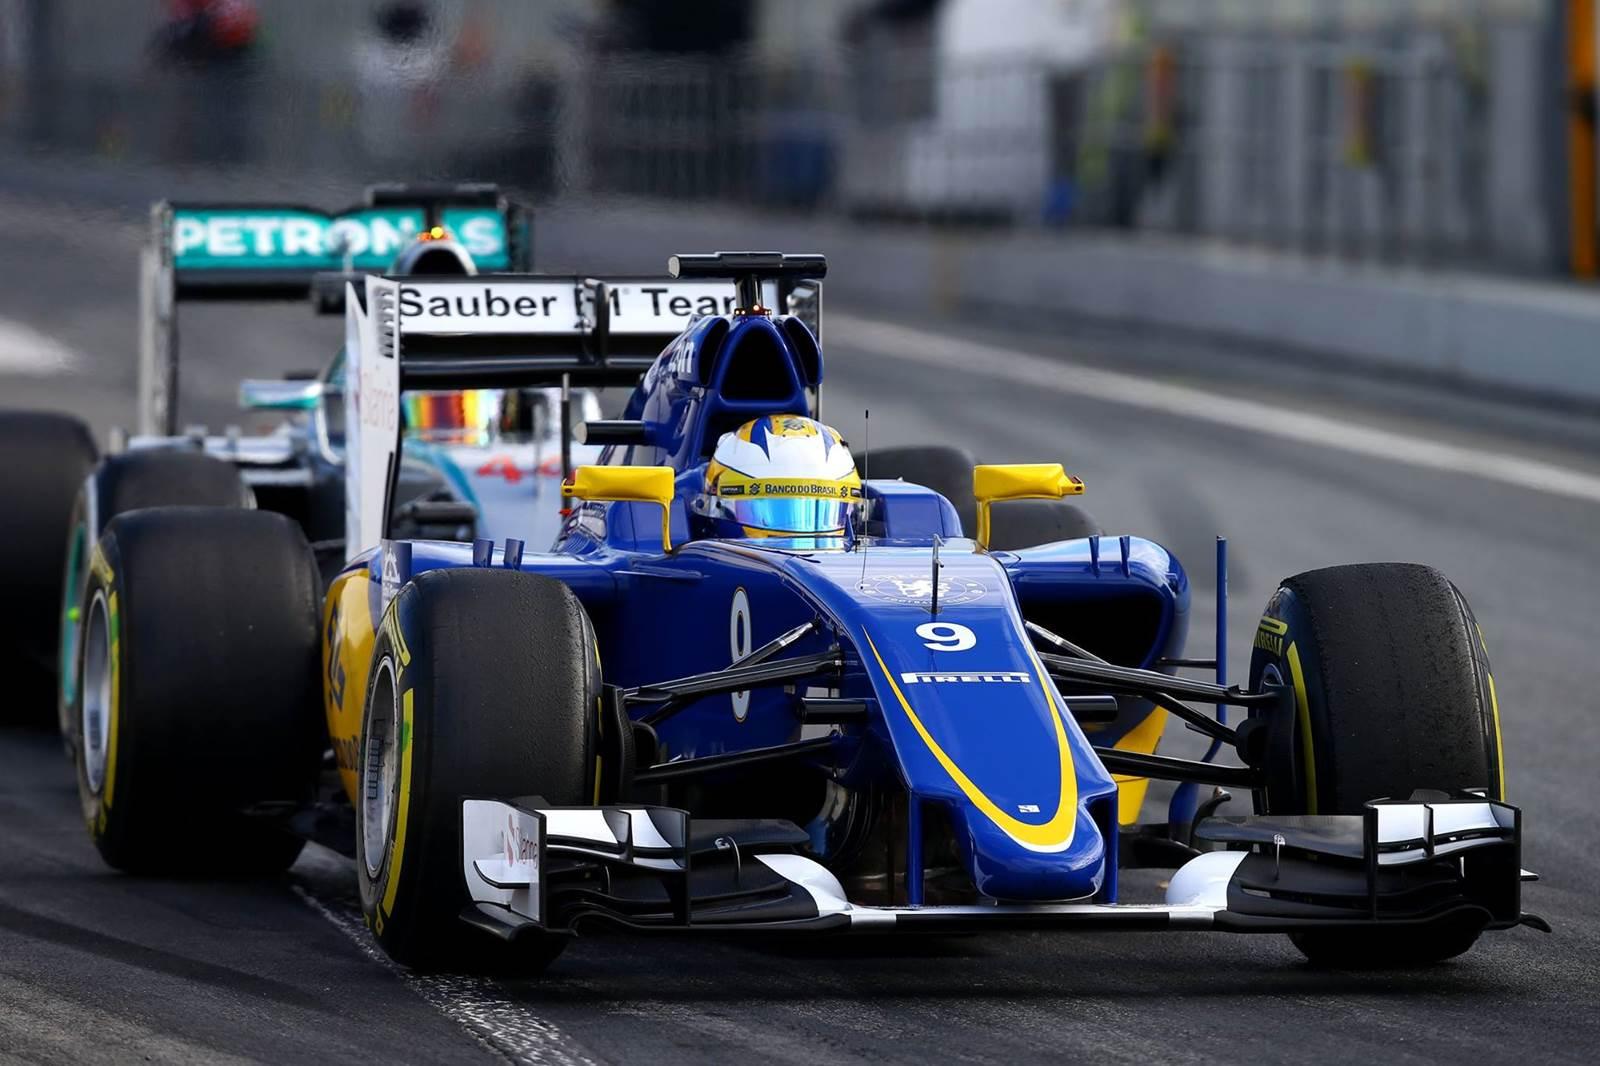 Felipe Nasr - Sauber/Ferrari